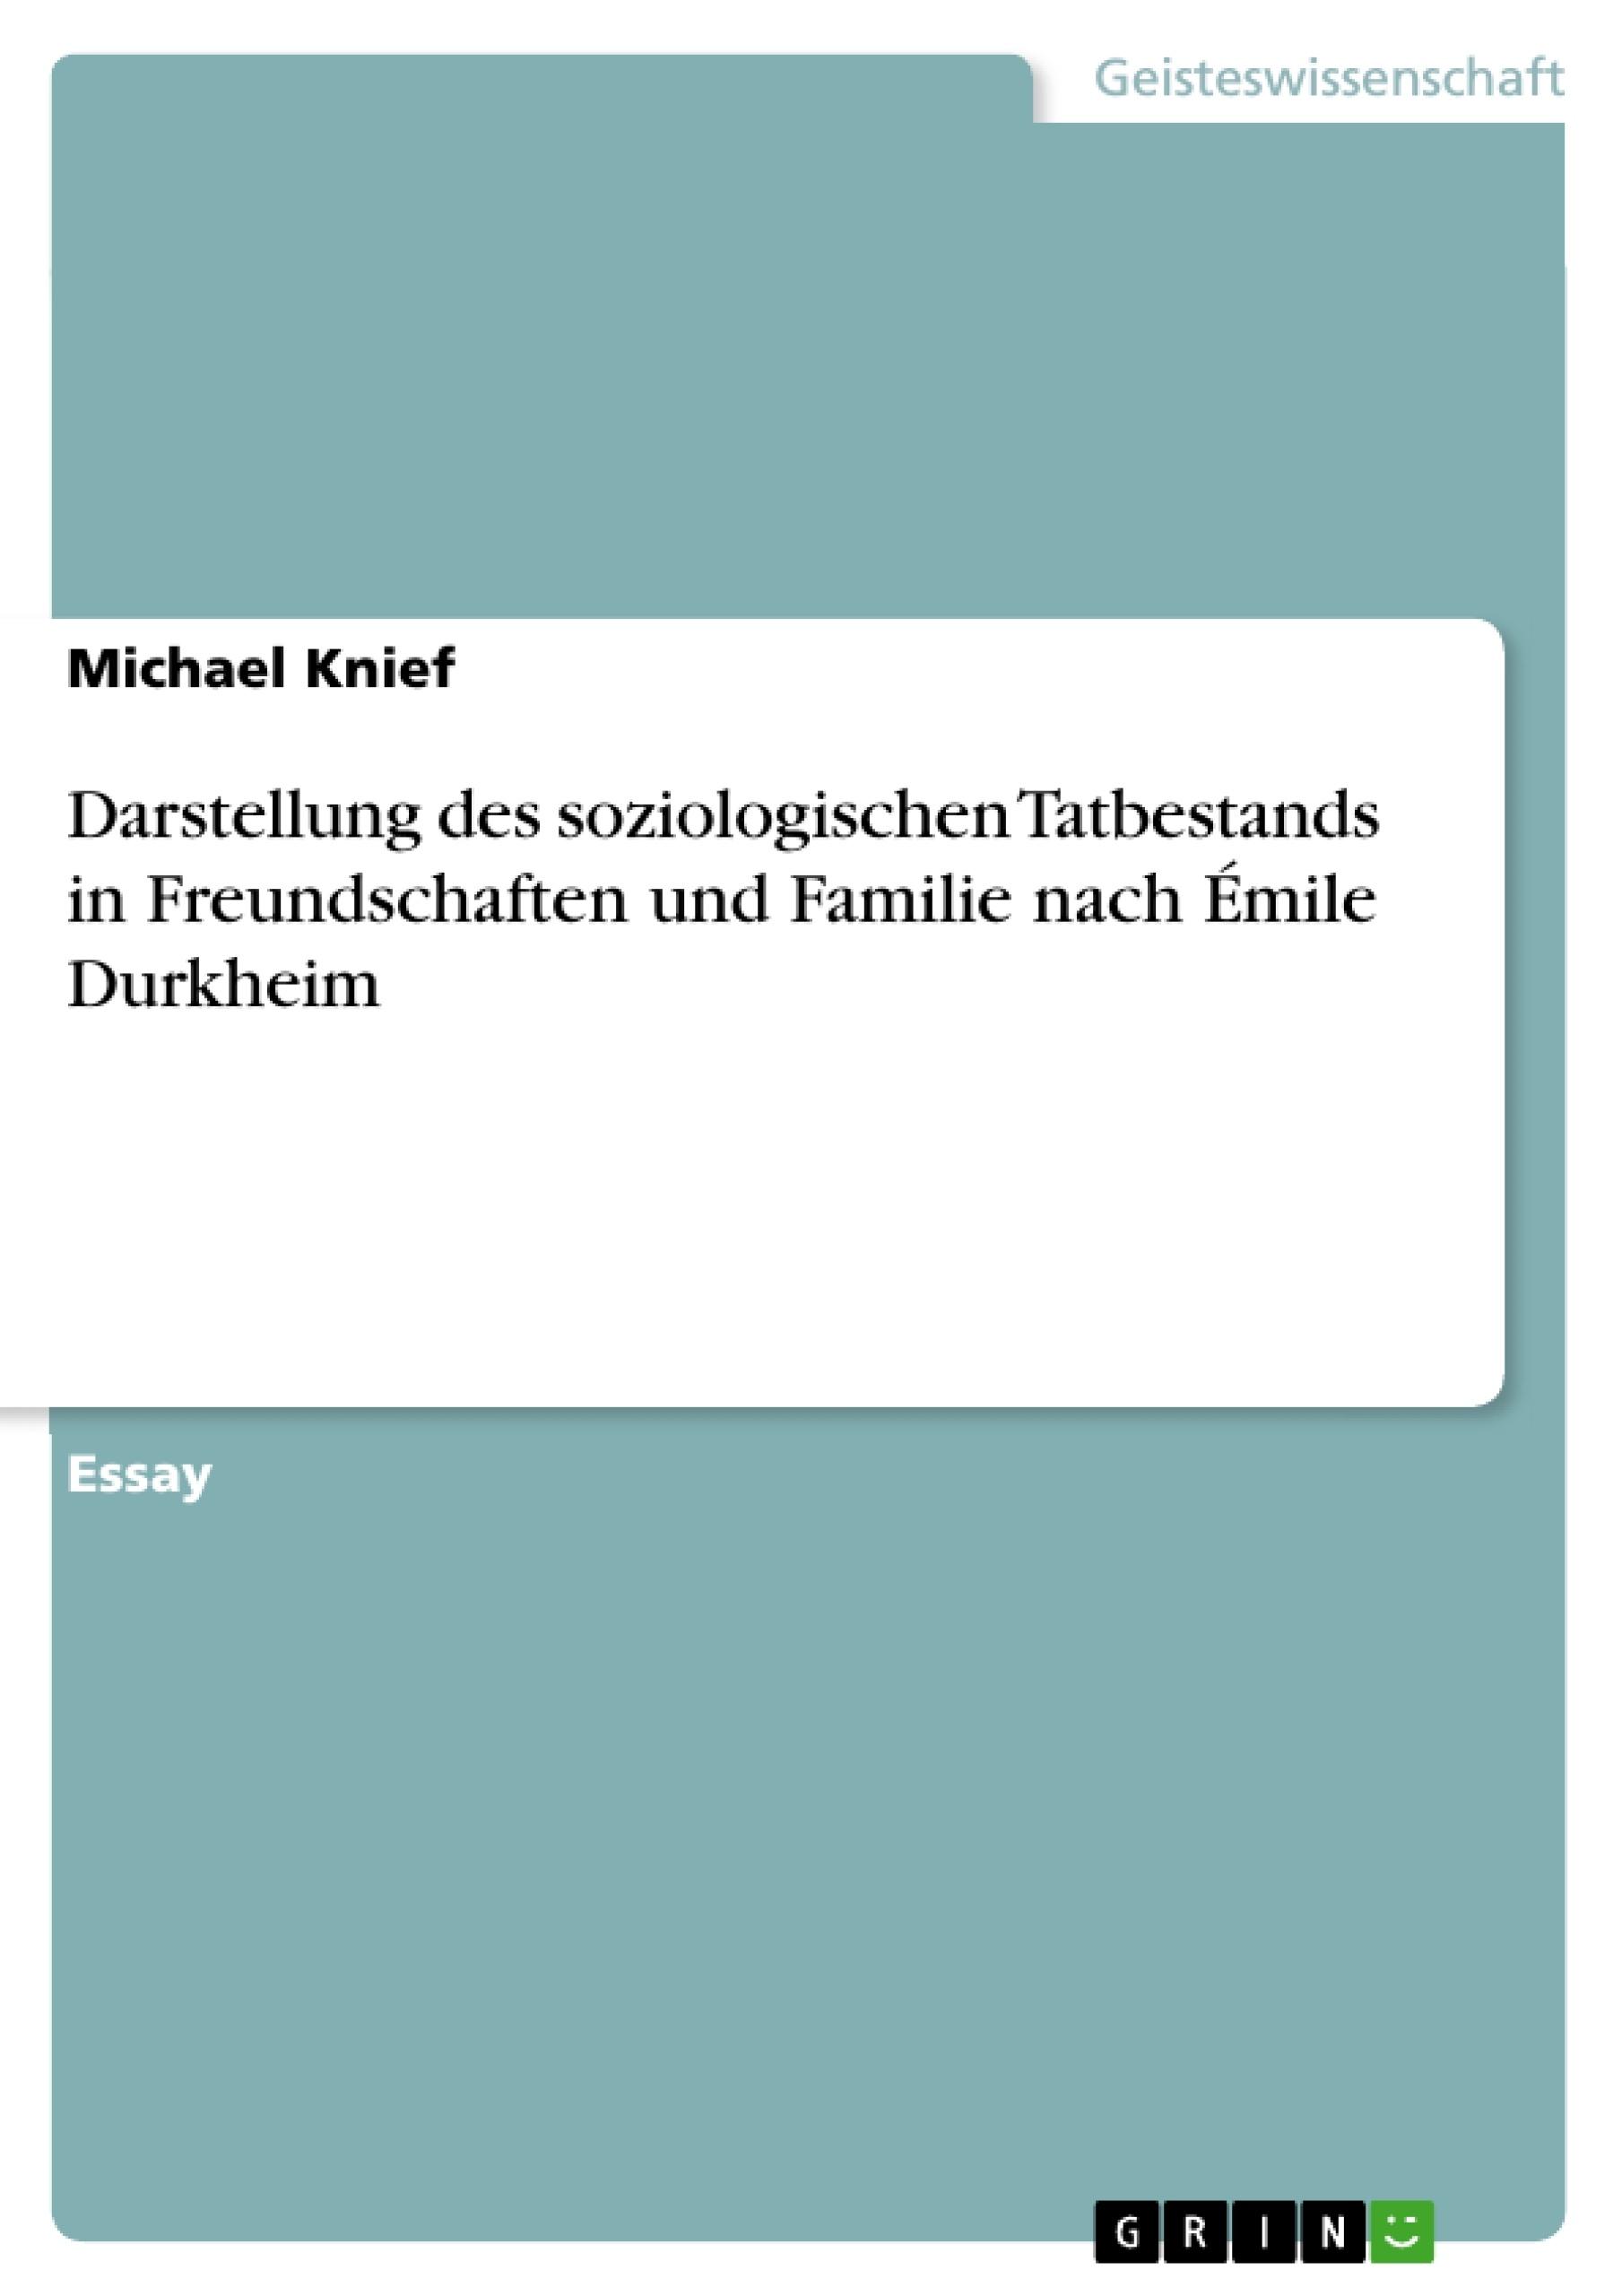 Titel: Darstellung des soziologischen Tatbestands in Freundschaften und Familie nach Émile Durkheim